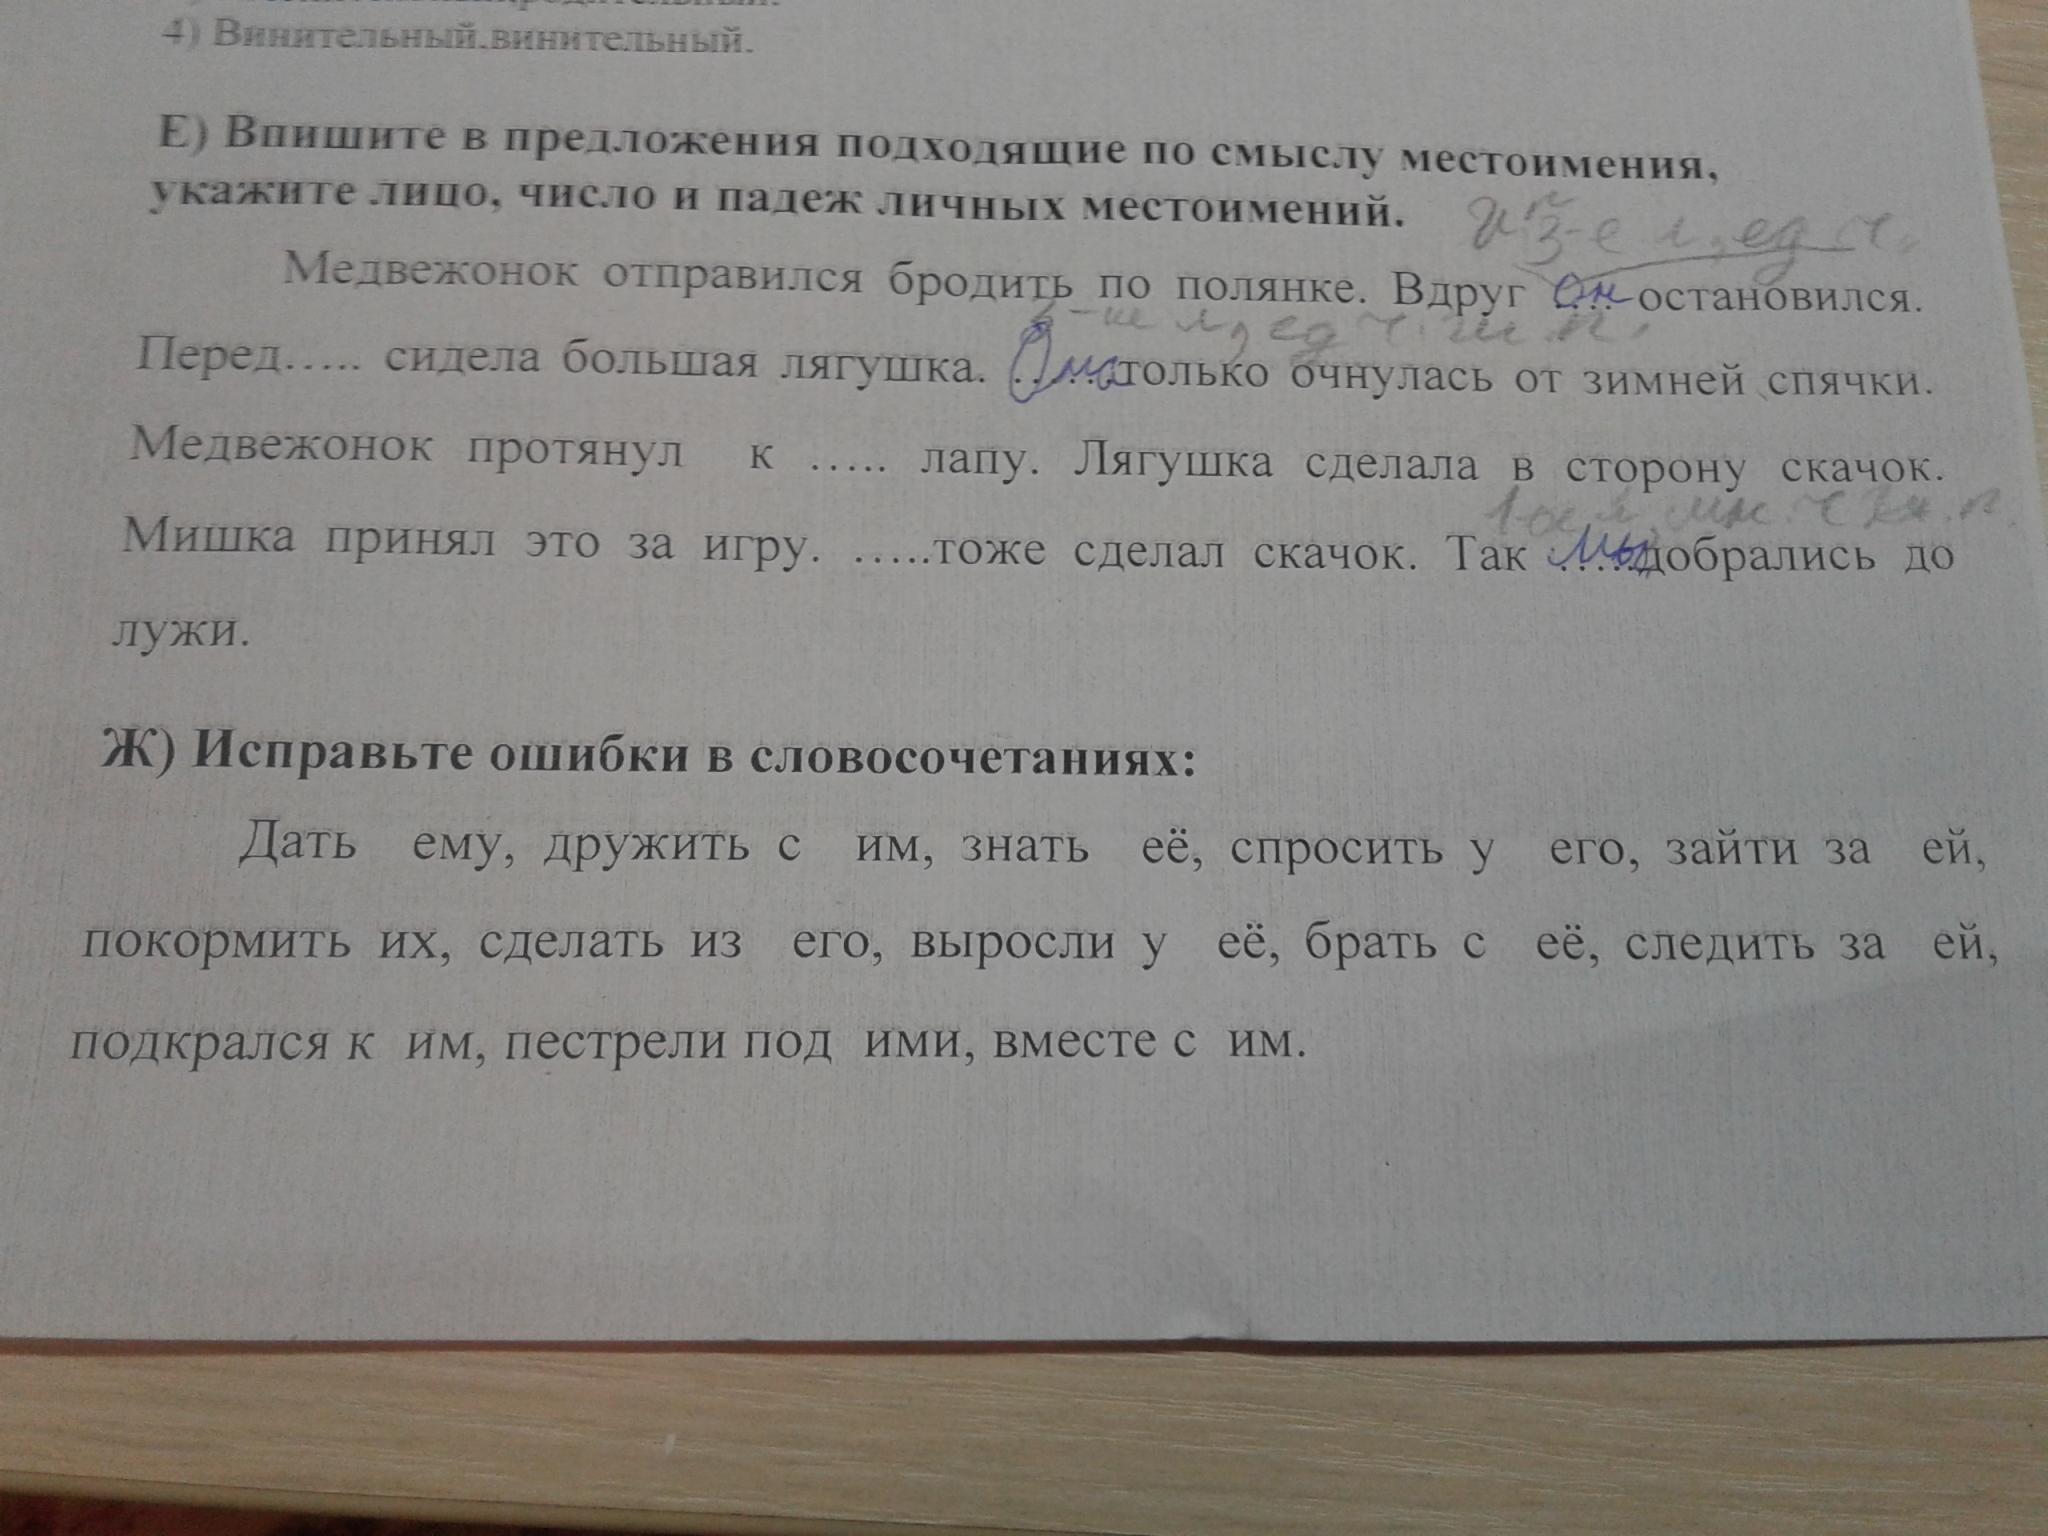 sochinenie-po-russkogo-yazika-pro-mestoimenie-2-klass